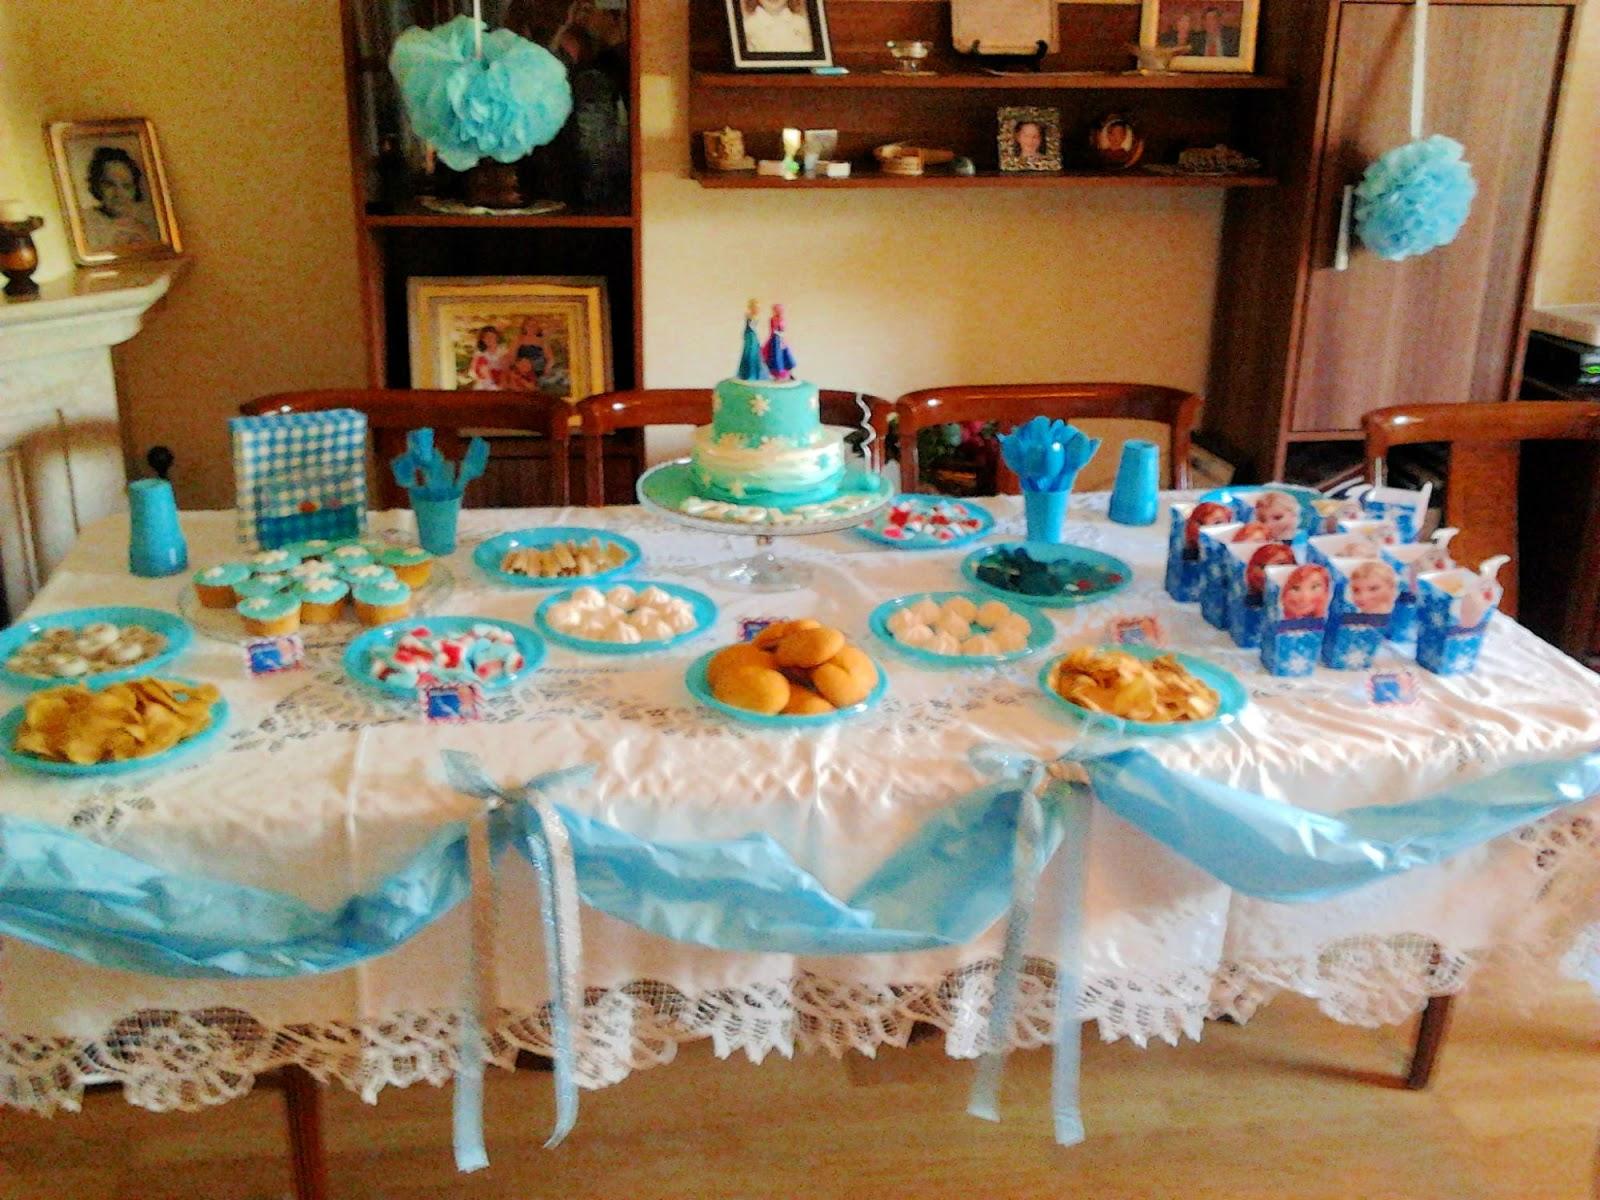 Ideas apara ahorrar al organizar fiesta infantil - Decoracion cumpleanos adultos en casa ...